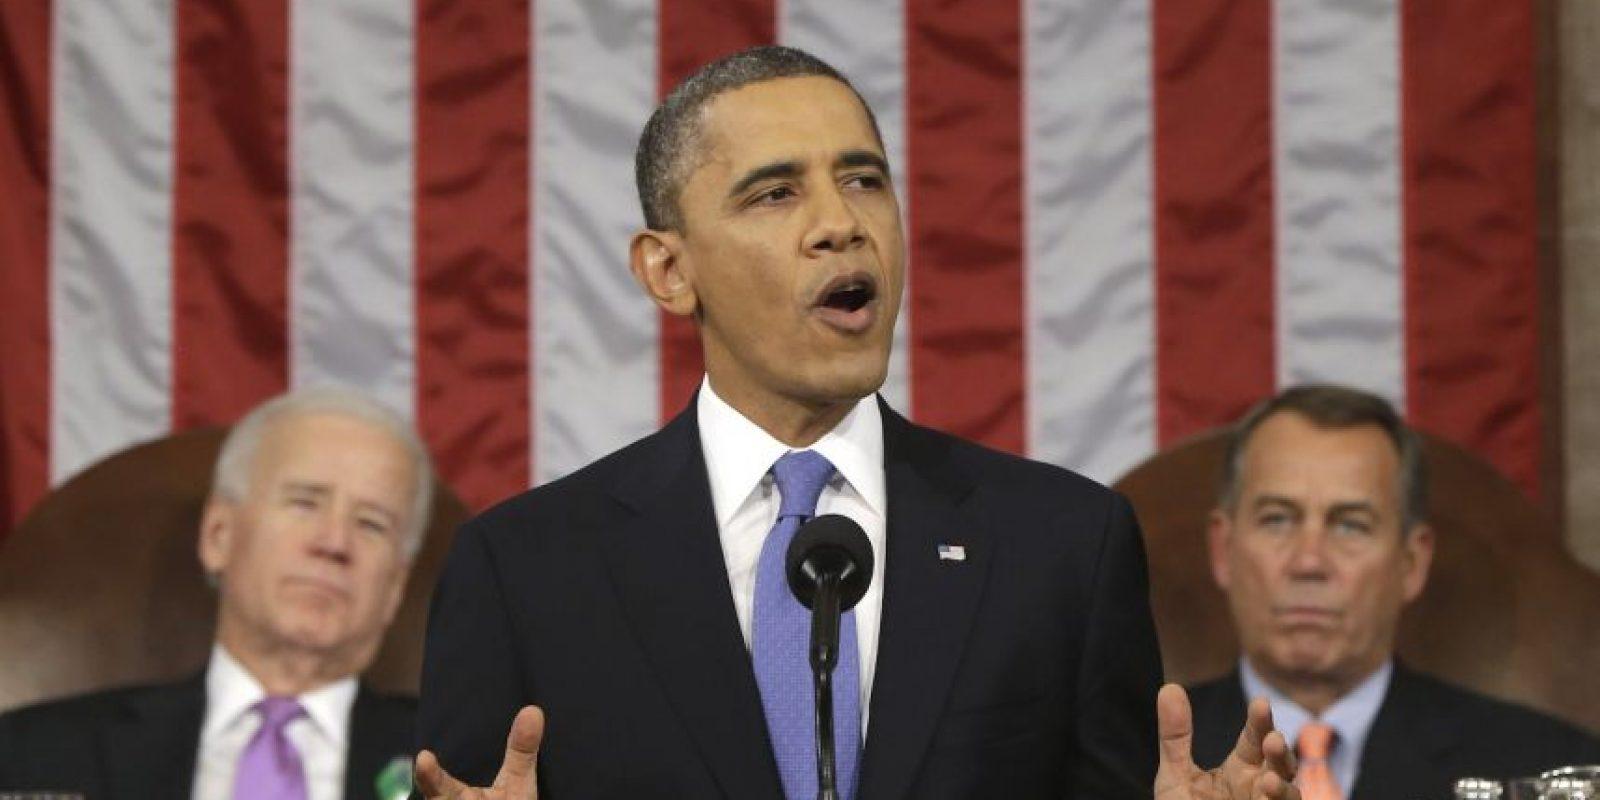 Probablemente no lo han notado, pero volvió a cambiar el tono de su corbata. Foto:Getty Images